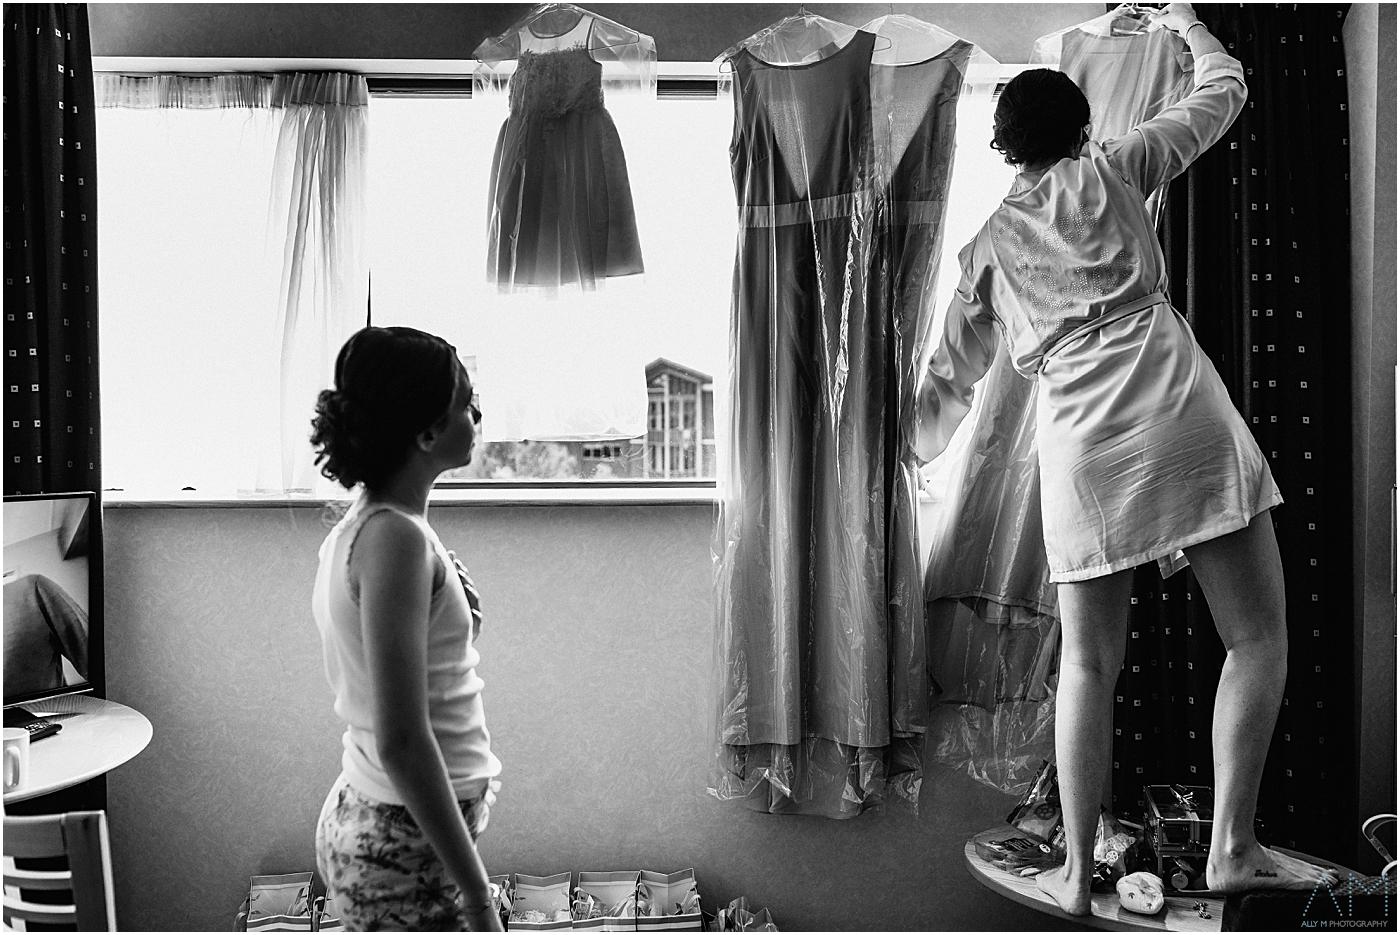 brides sister hanging up dresses